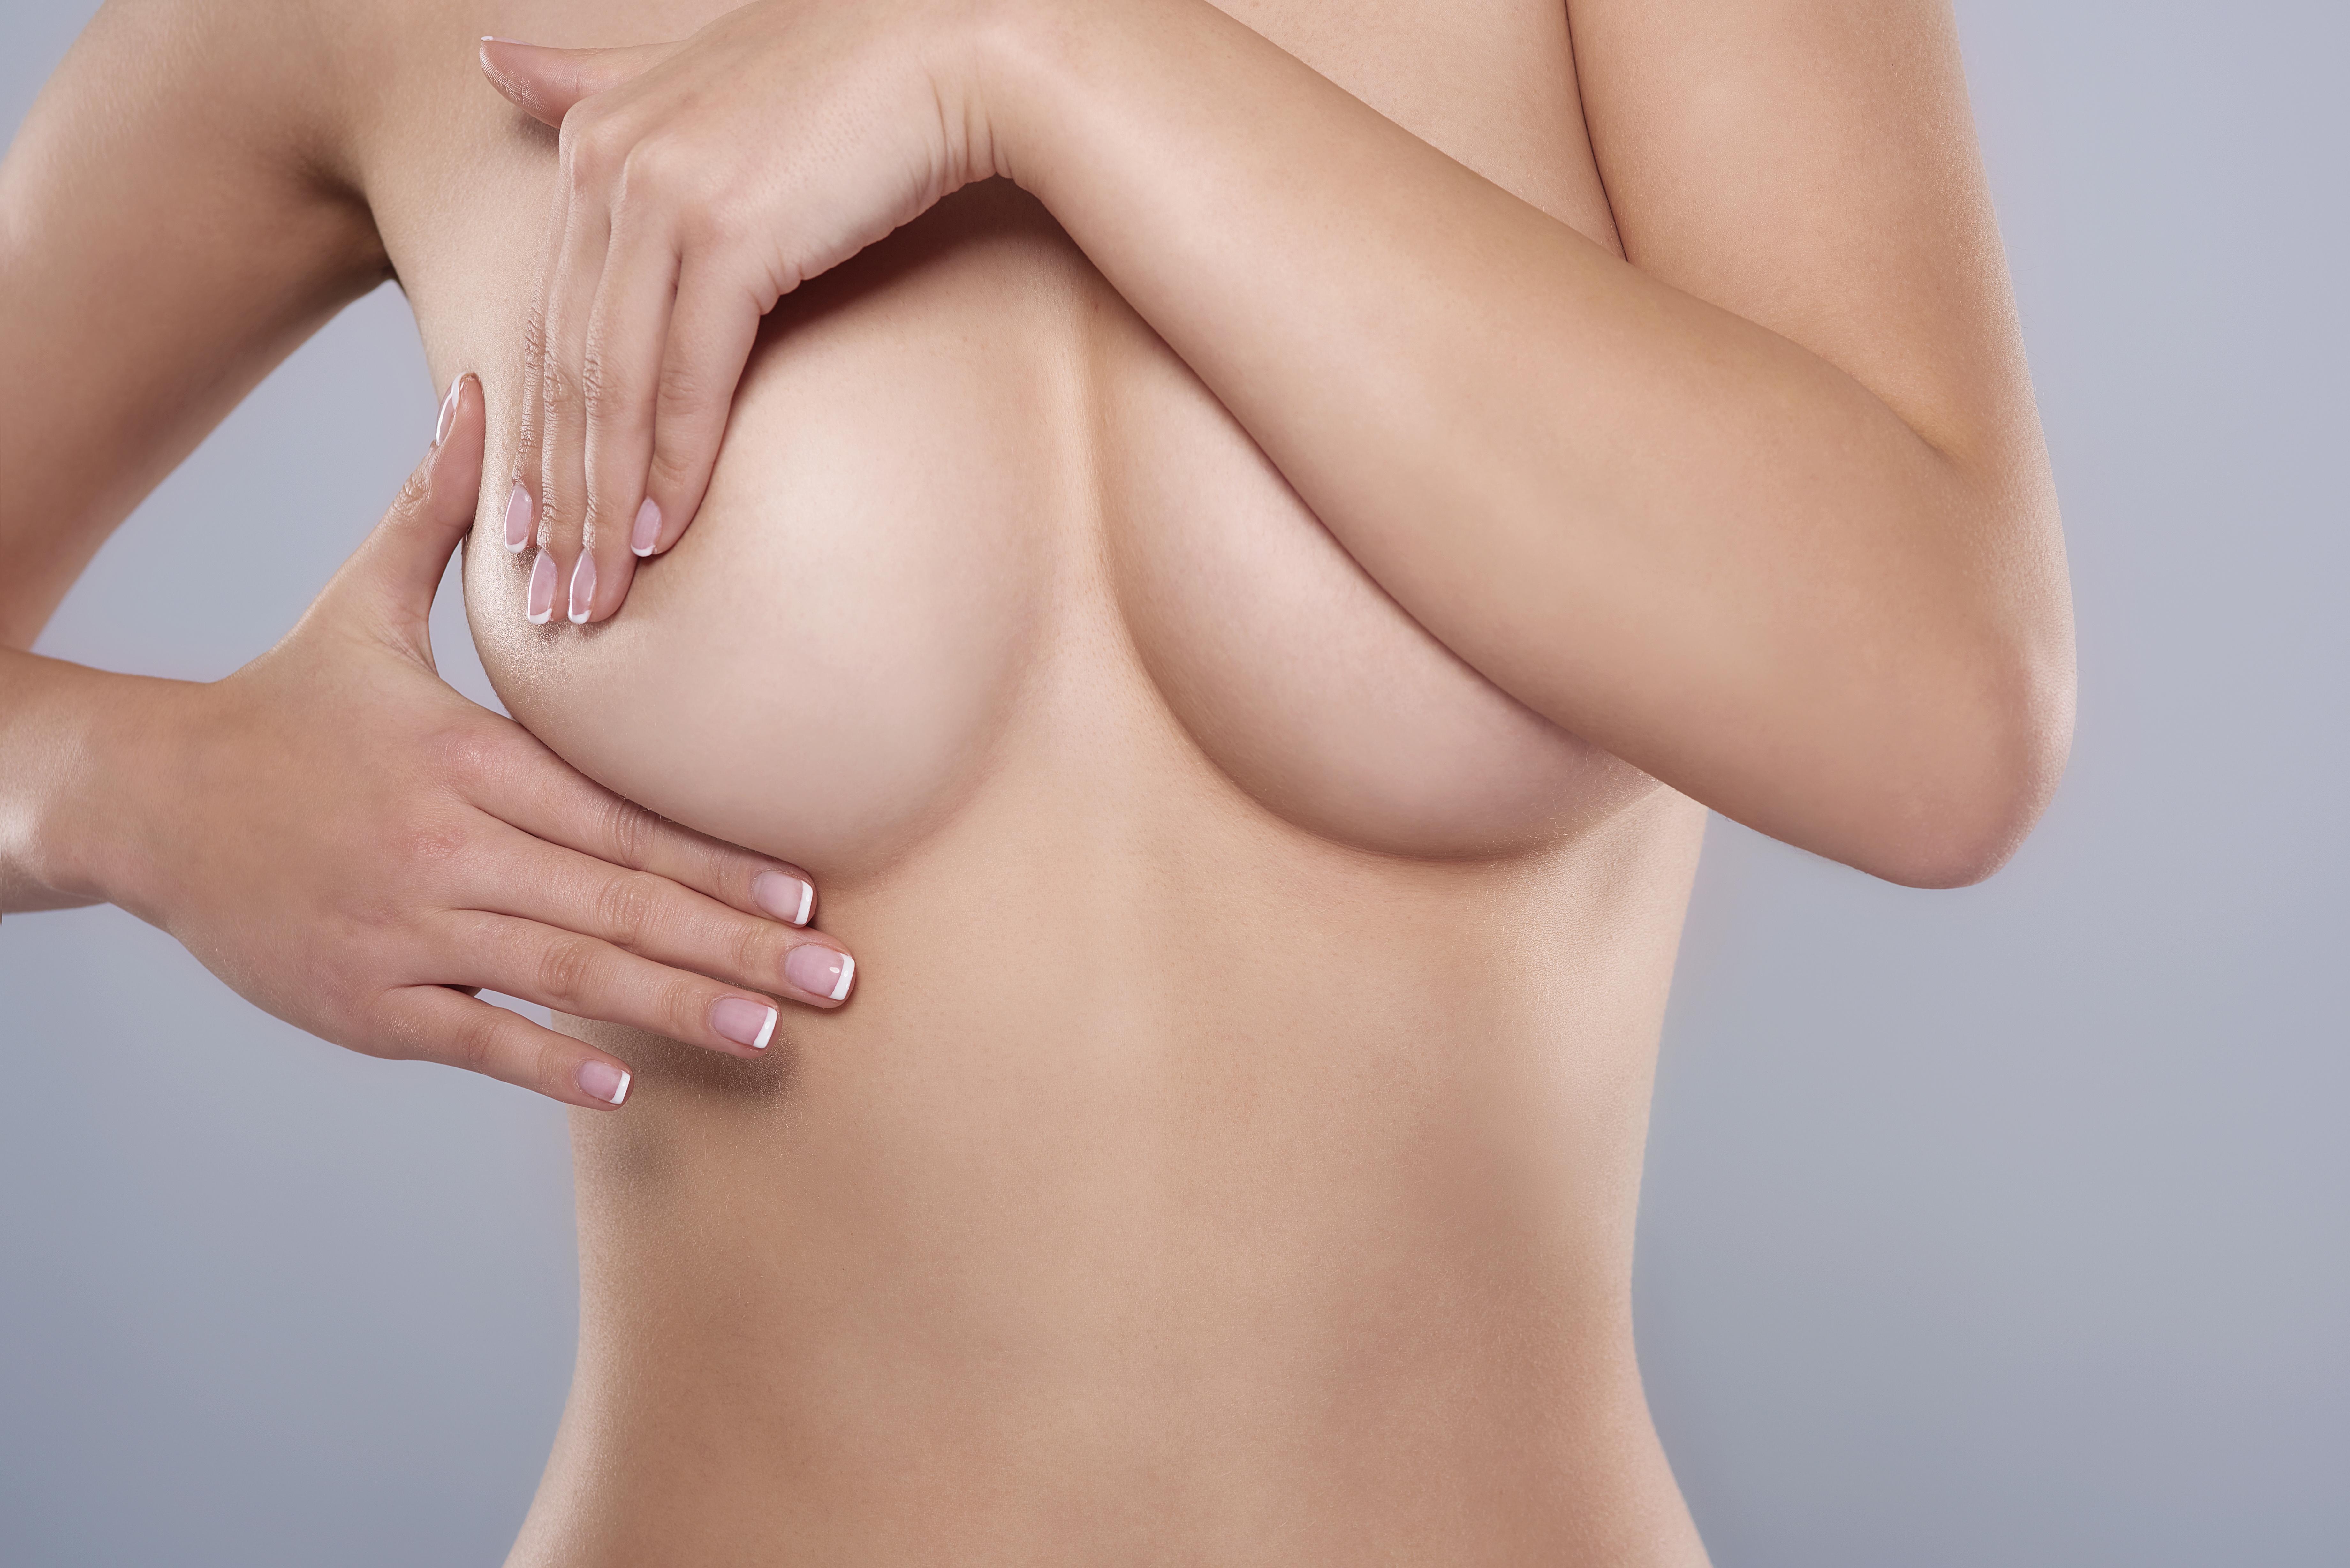 Le Dr Falkenrodt propose réduction ou augmentation mammaire Bordeaux